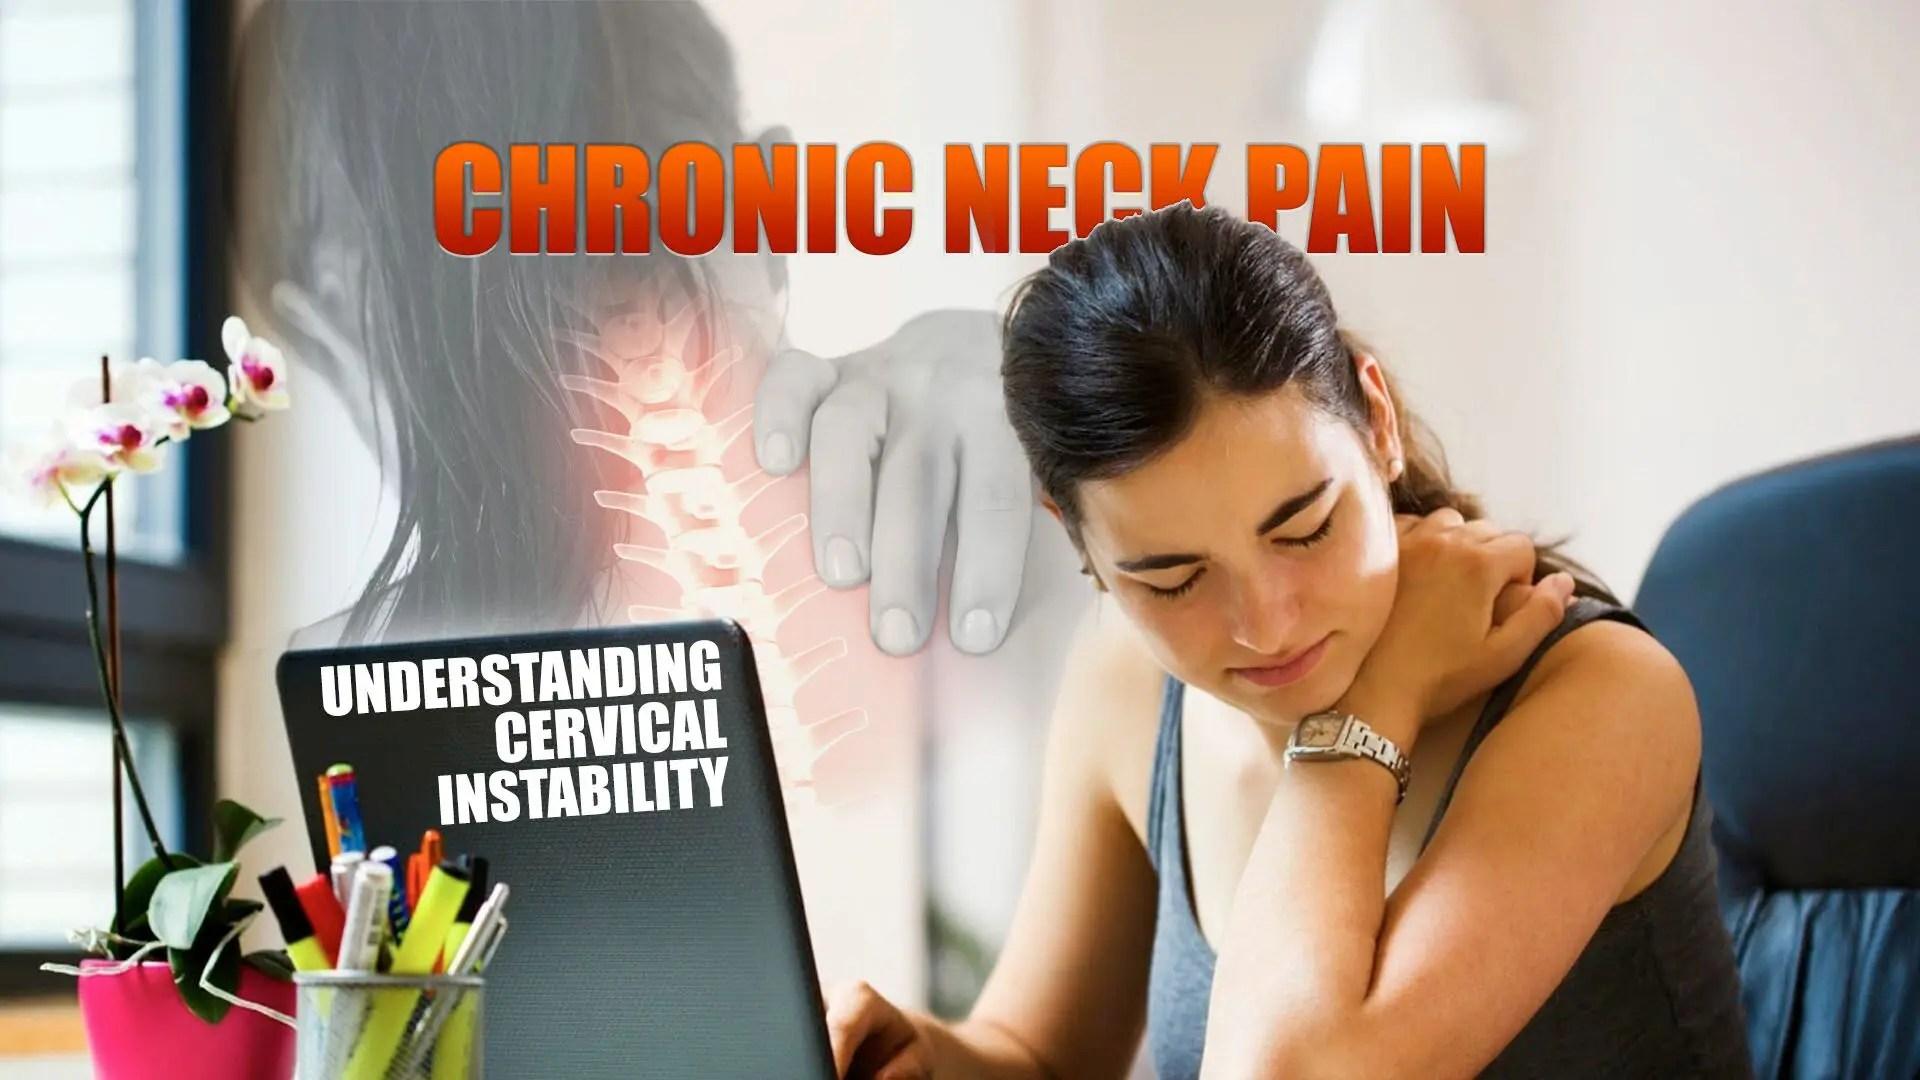 atlanto-axiális ízületi arthrosis kezelés